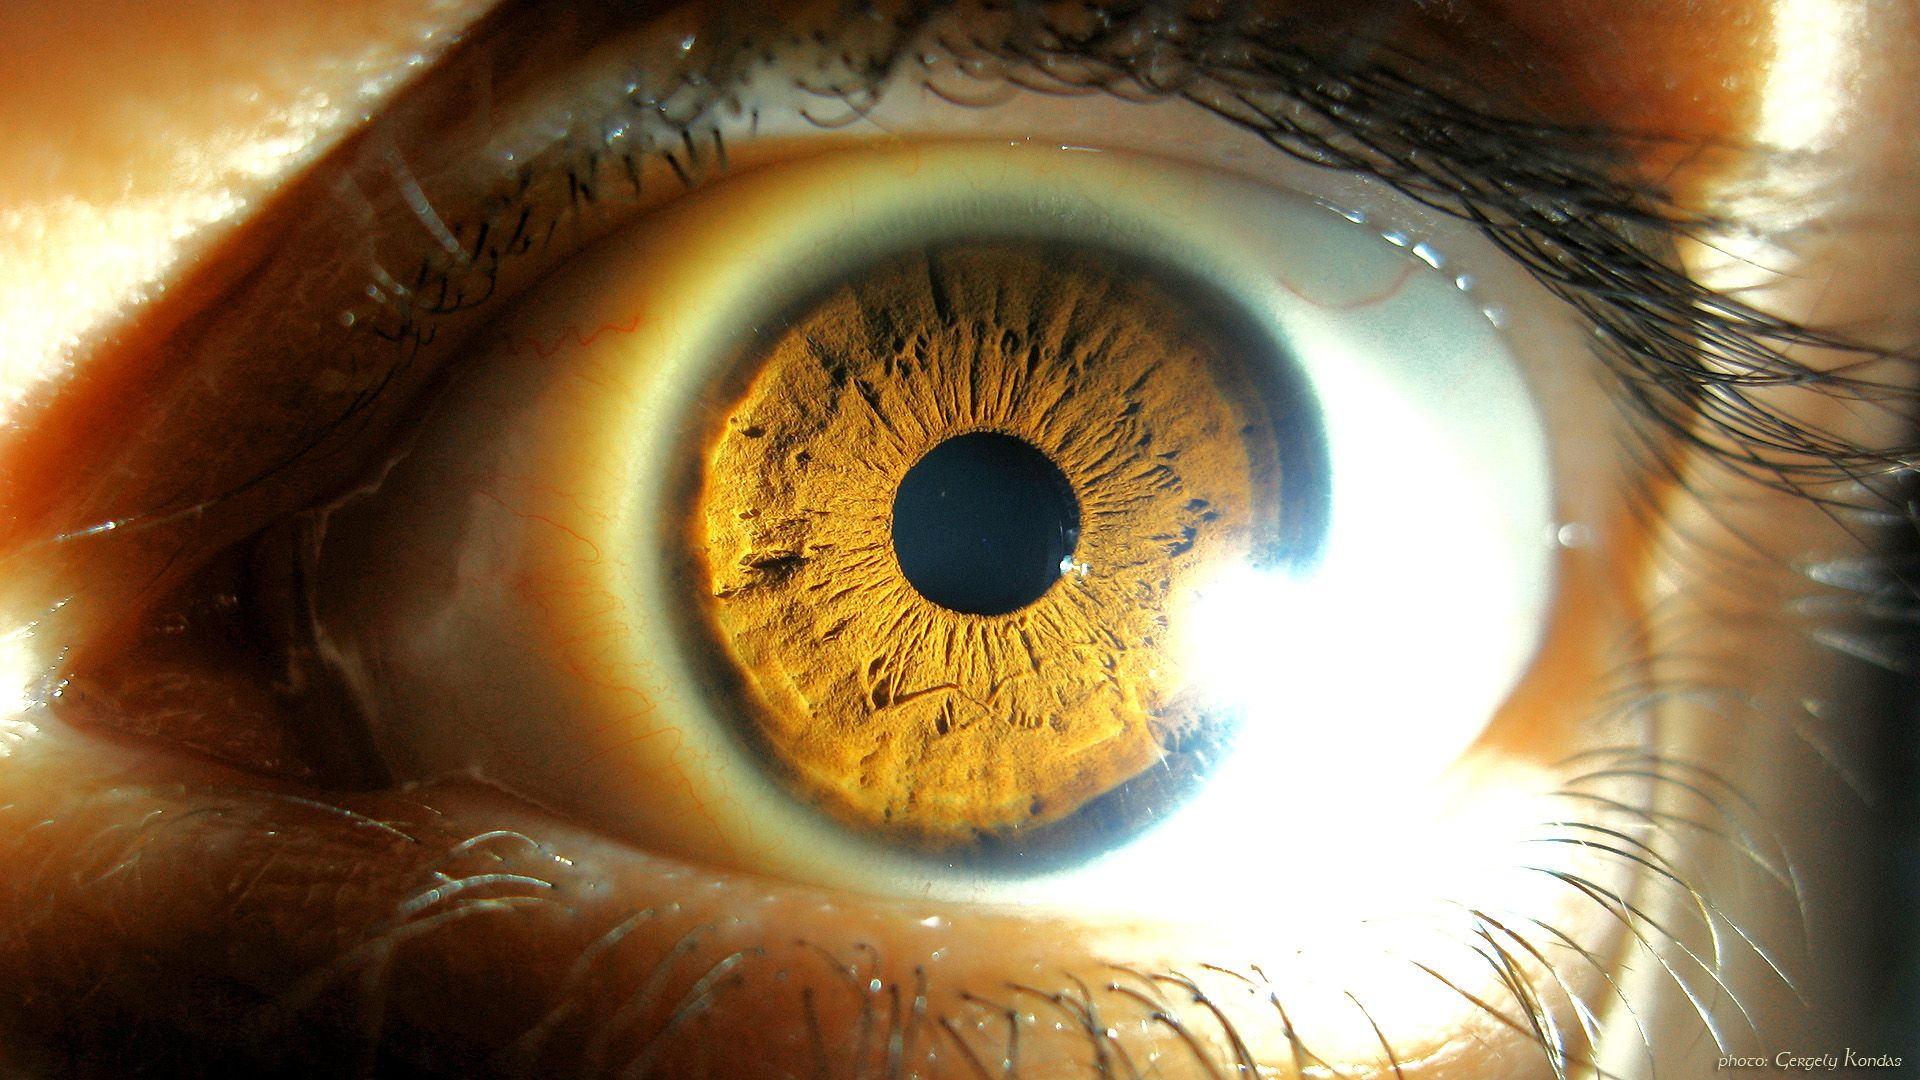 Eye_38770.jpg (1920×1080)